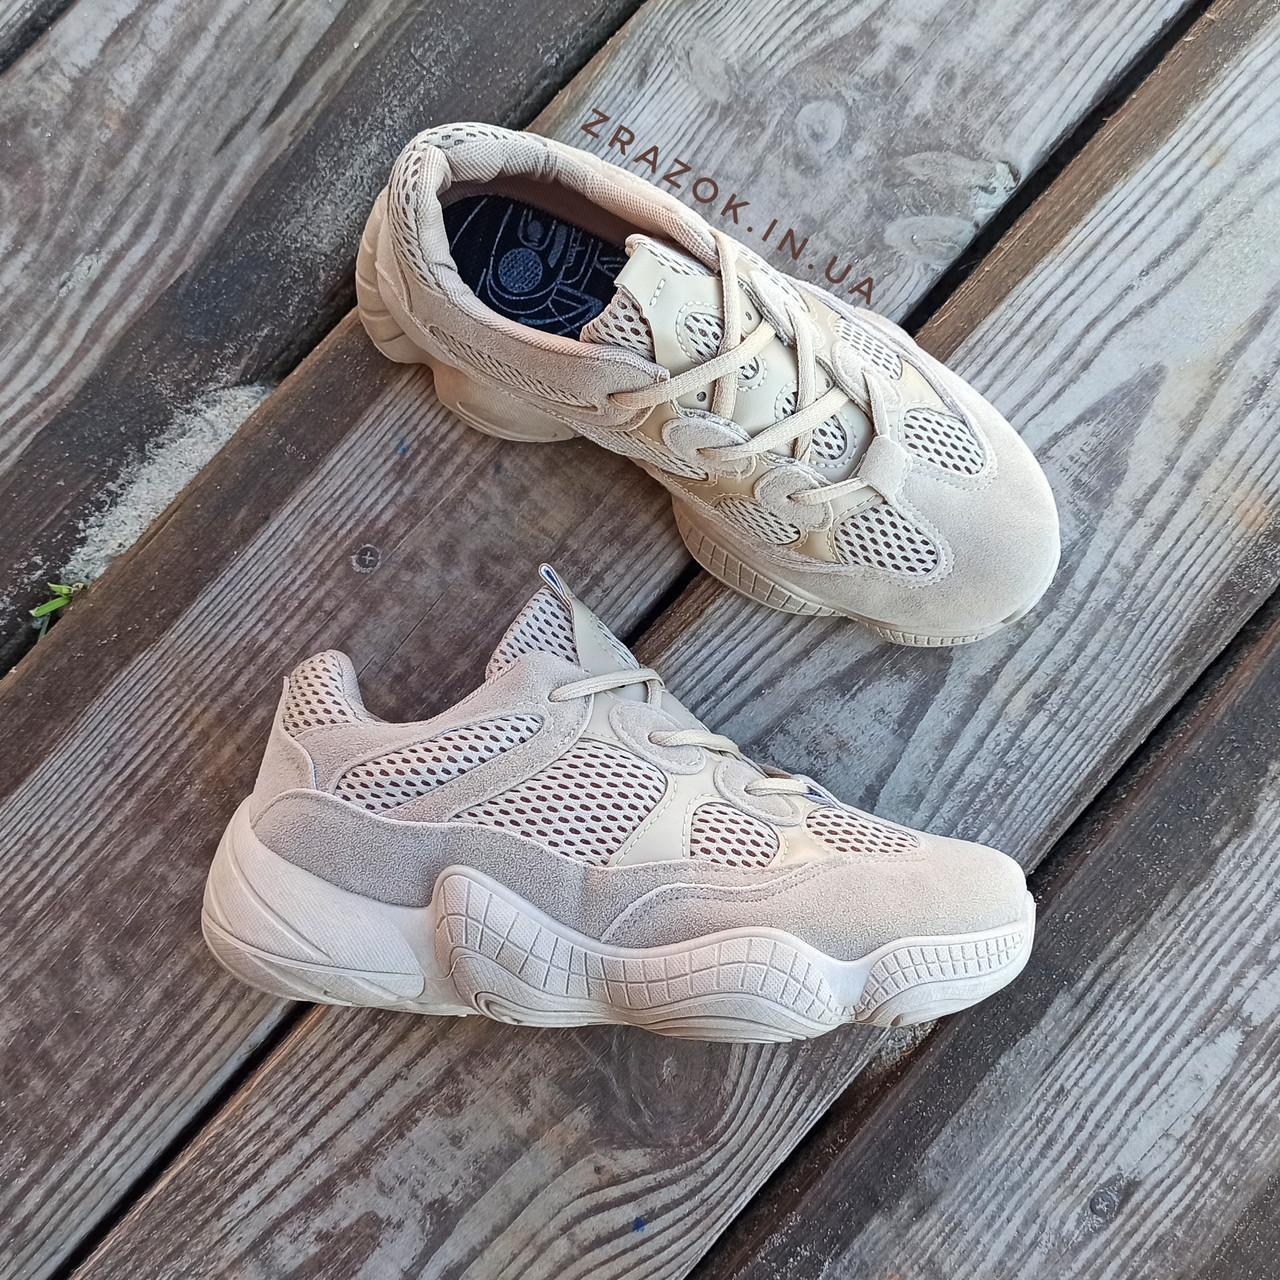 Бежеві сірі Adidas Yeezy 500 еко - замша |КОПІЯ| жіночі кросівки адідас ізі 500 \ розміри: 36-39